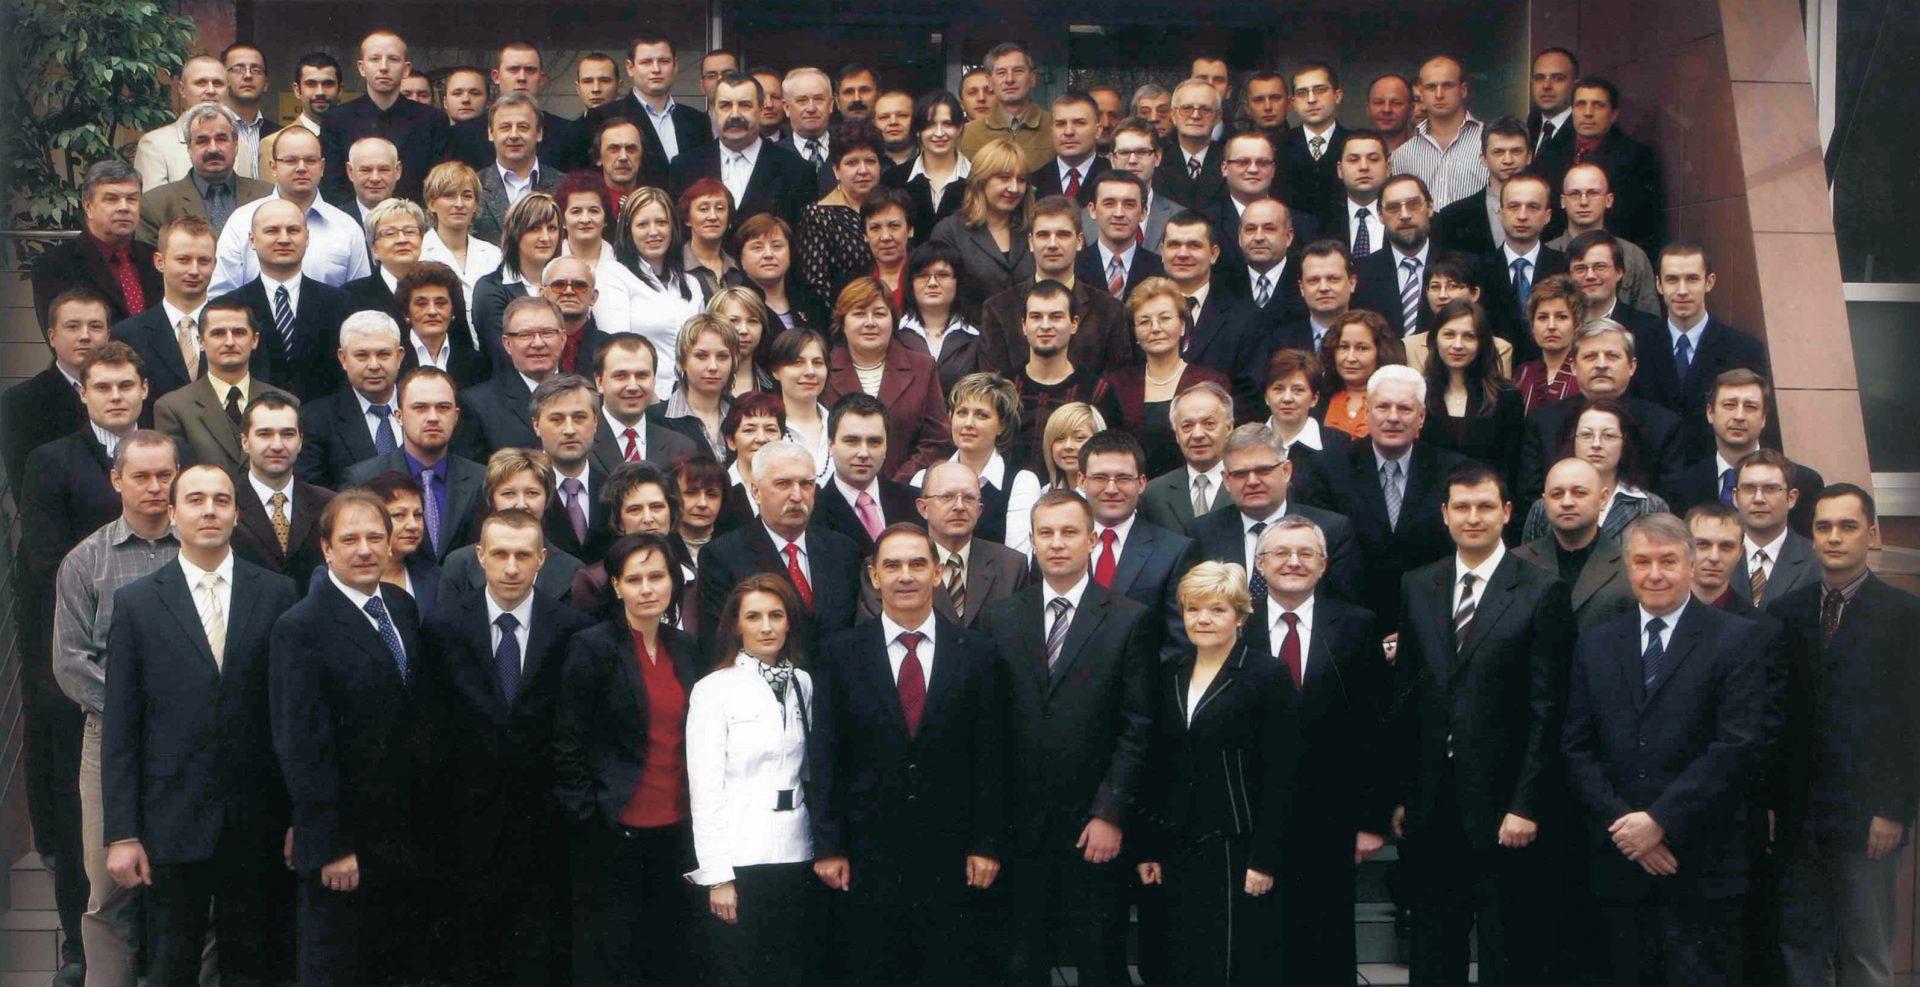 Pracownicy Unibep SA. Zdjęcie wykonane przed siedzibą firmy w Bielsku Podlaskim z okazji wejścia spółki na Giełdę Papierów Wartościowych w Warszawie rok 2008.